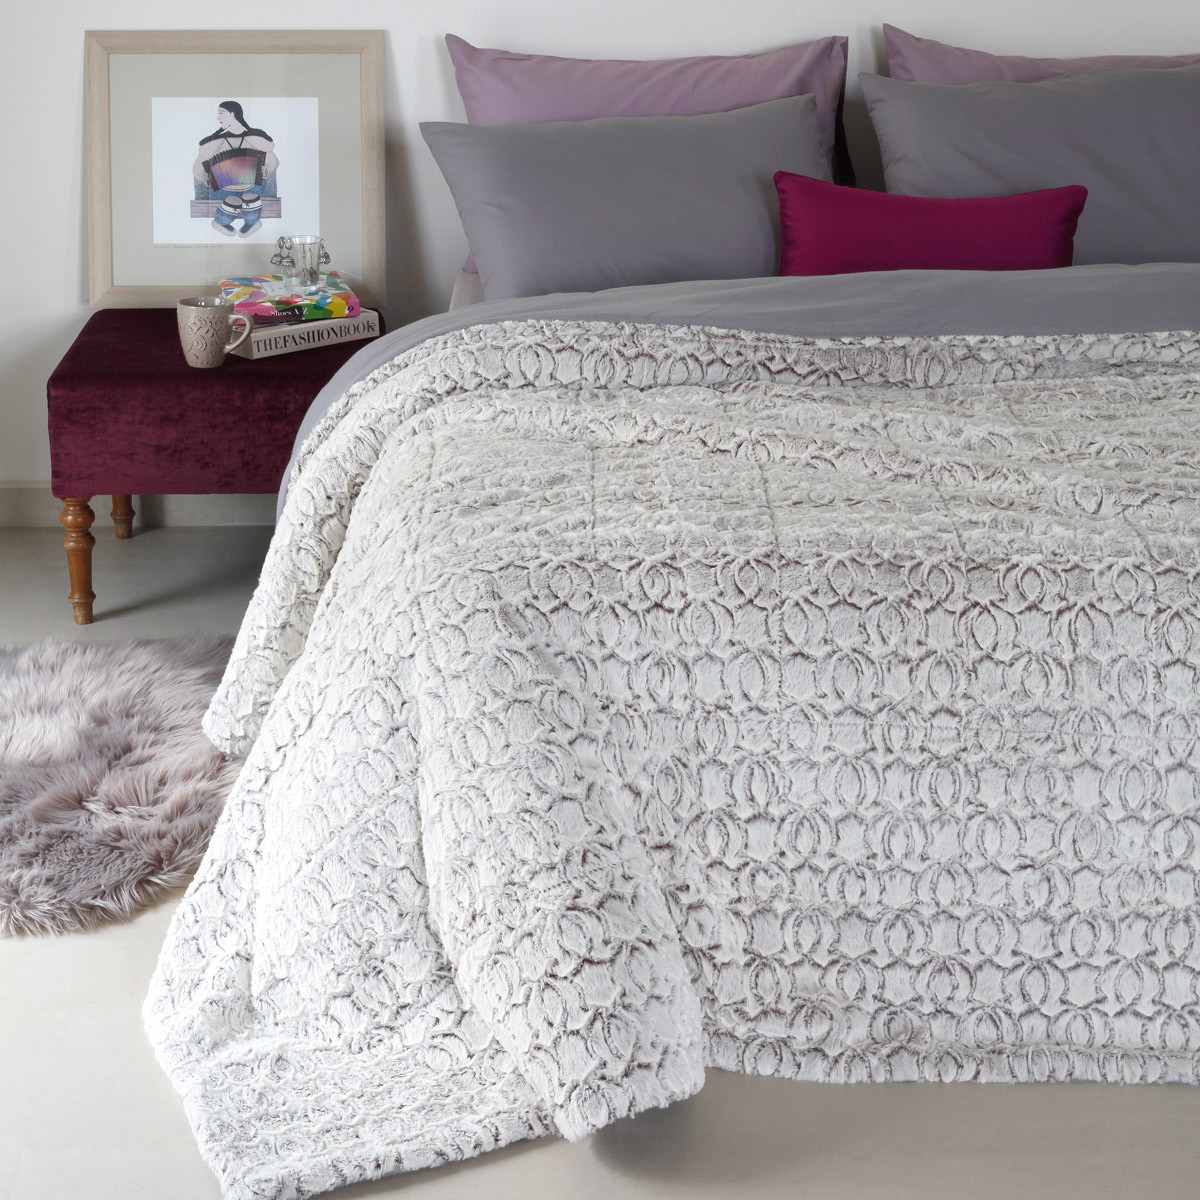 Κουβέρτα Fleece Υπέρδιπλη Melinen Chain home   κρεβατοκάμαρα   κουβέρτες   κουβέρτες fleece υπέρδιπλες